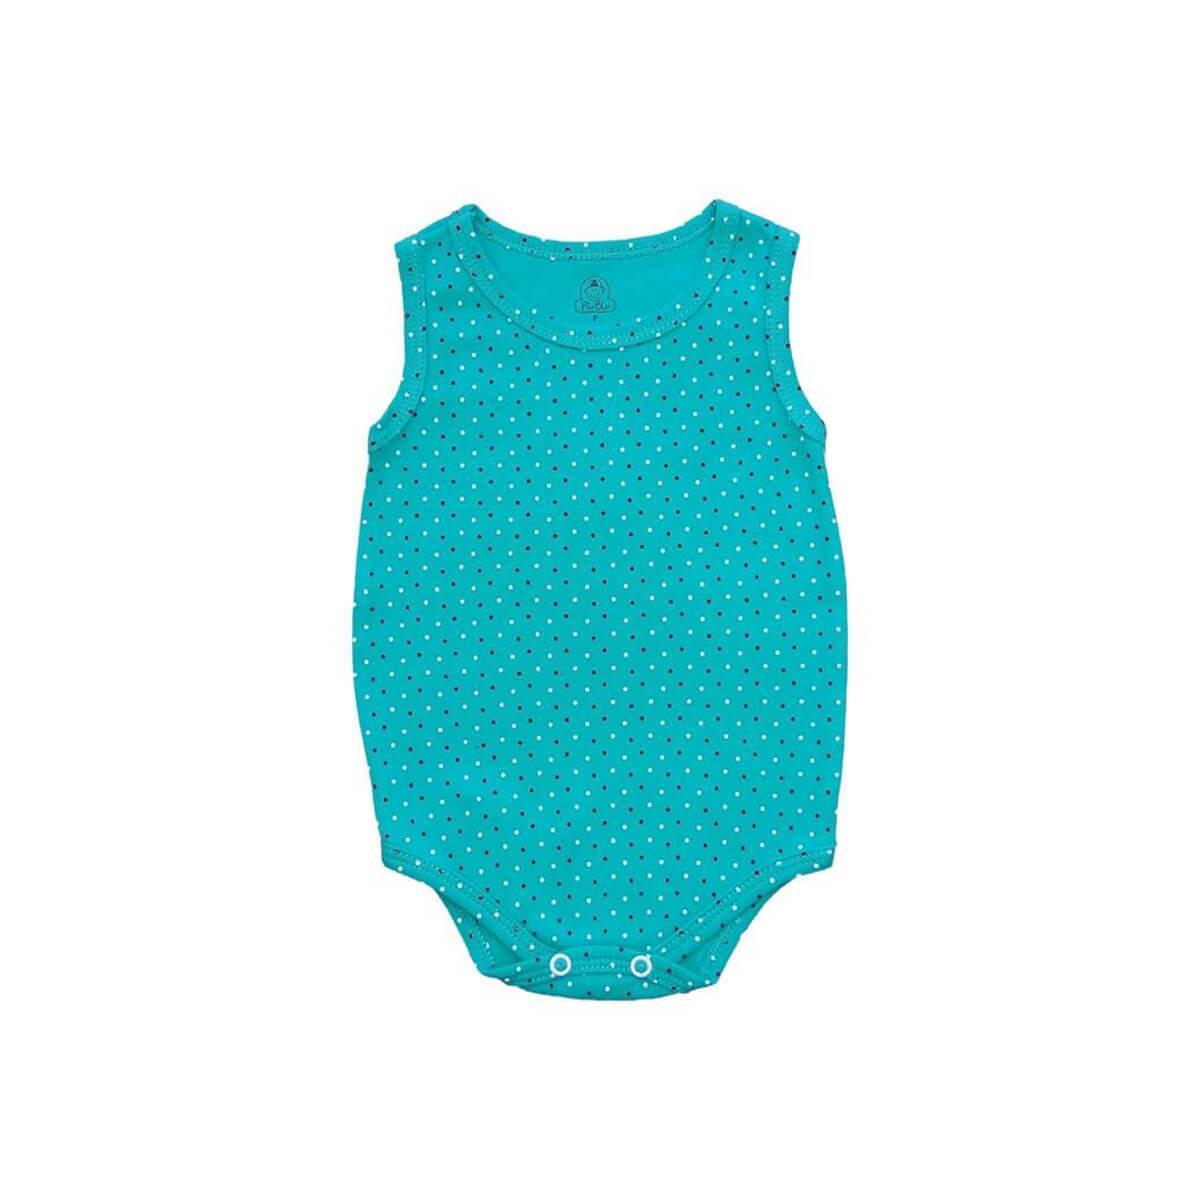 Body Regata Bolinhas Primavera  - Piu Blu